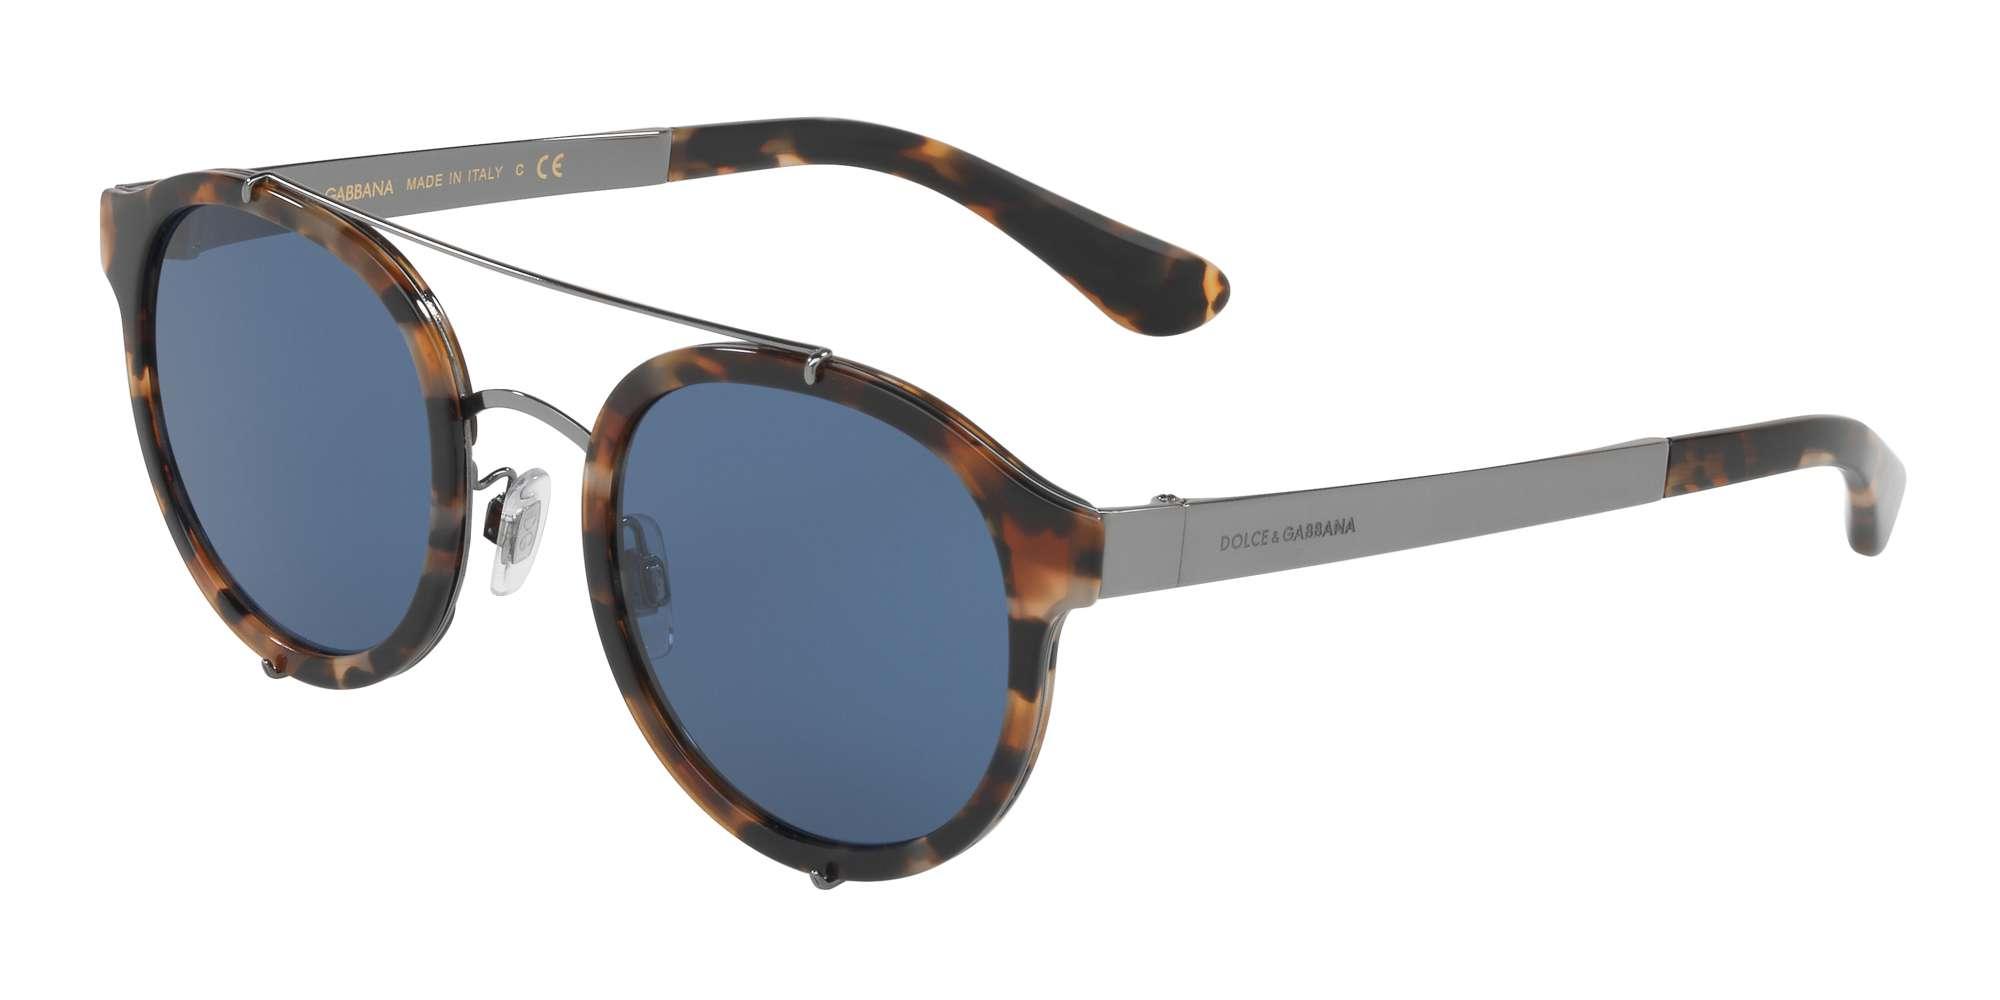 BLUE HAVANA / BLUE lenses